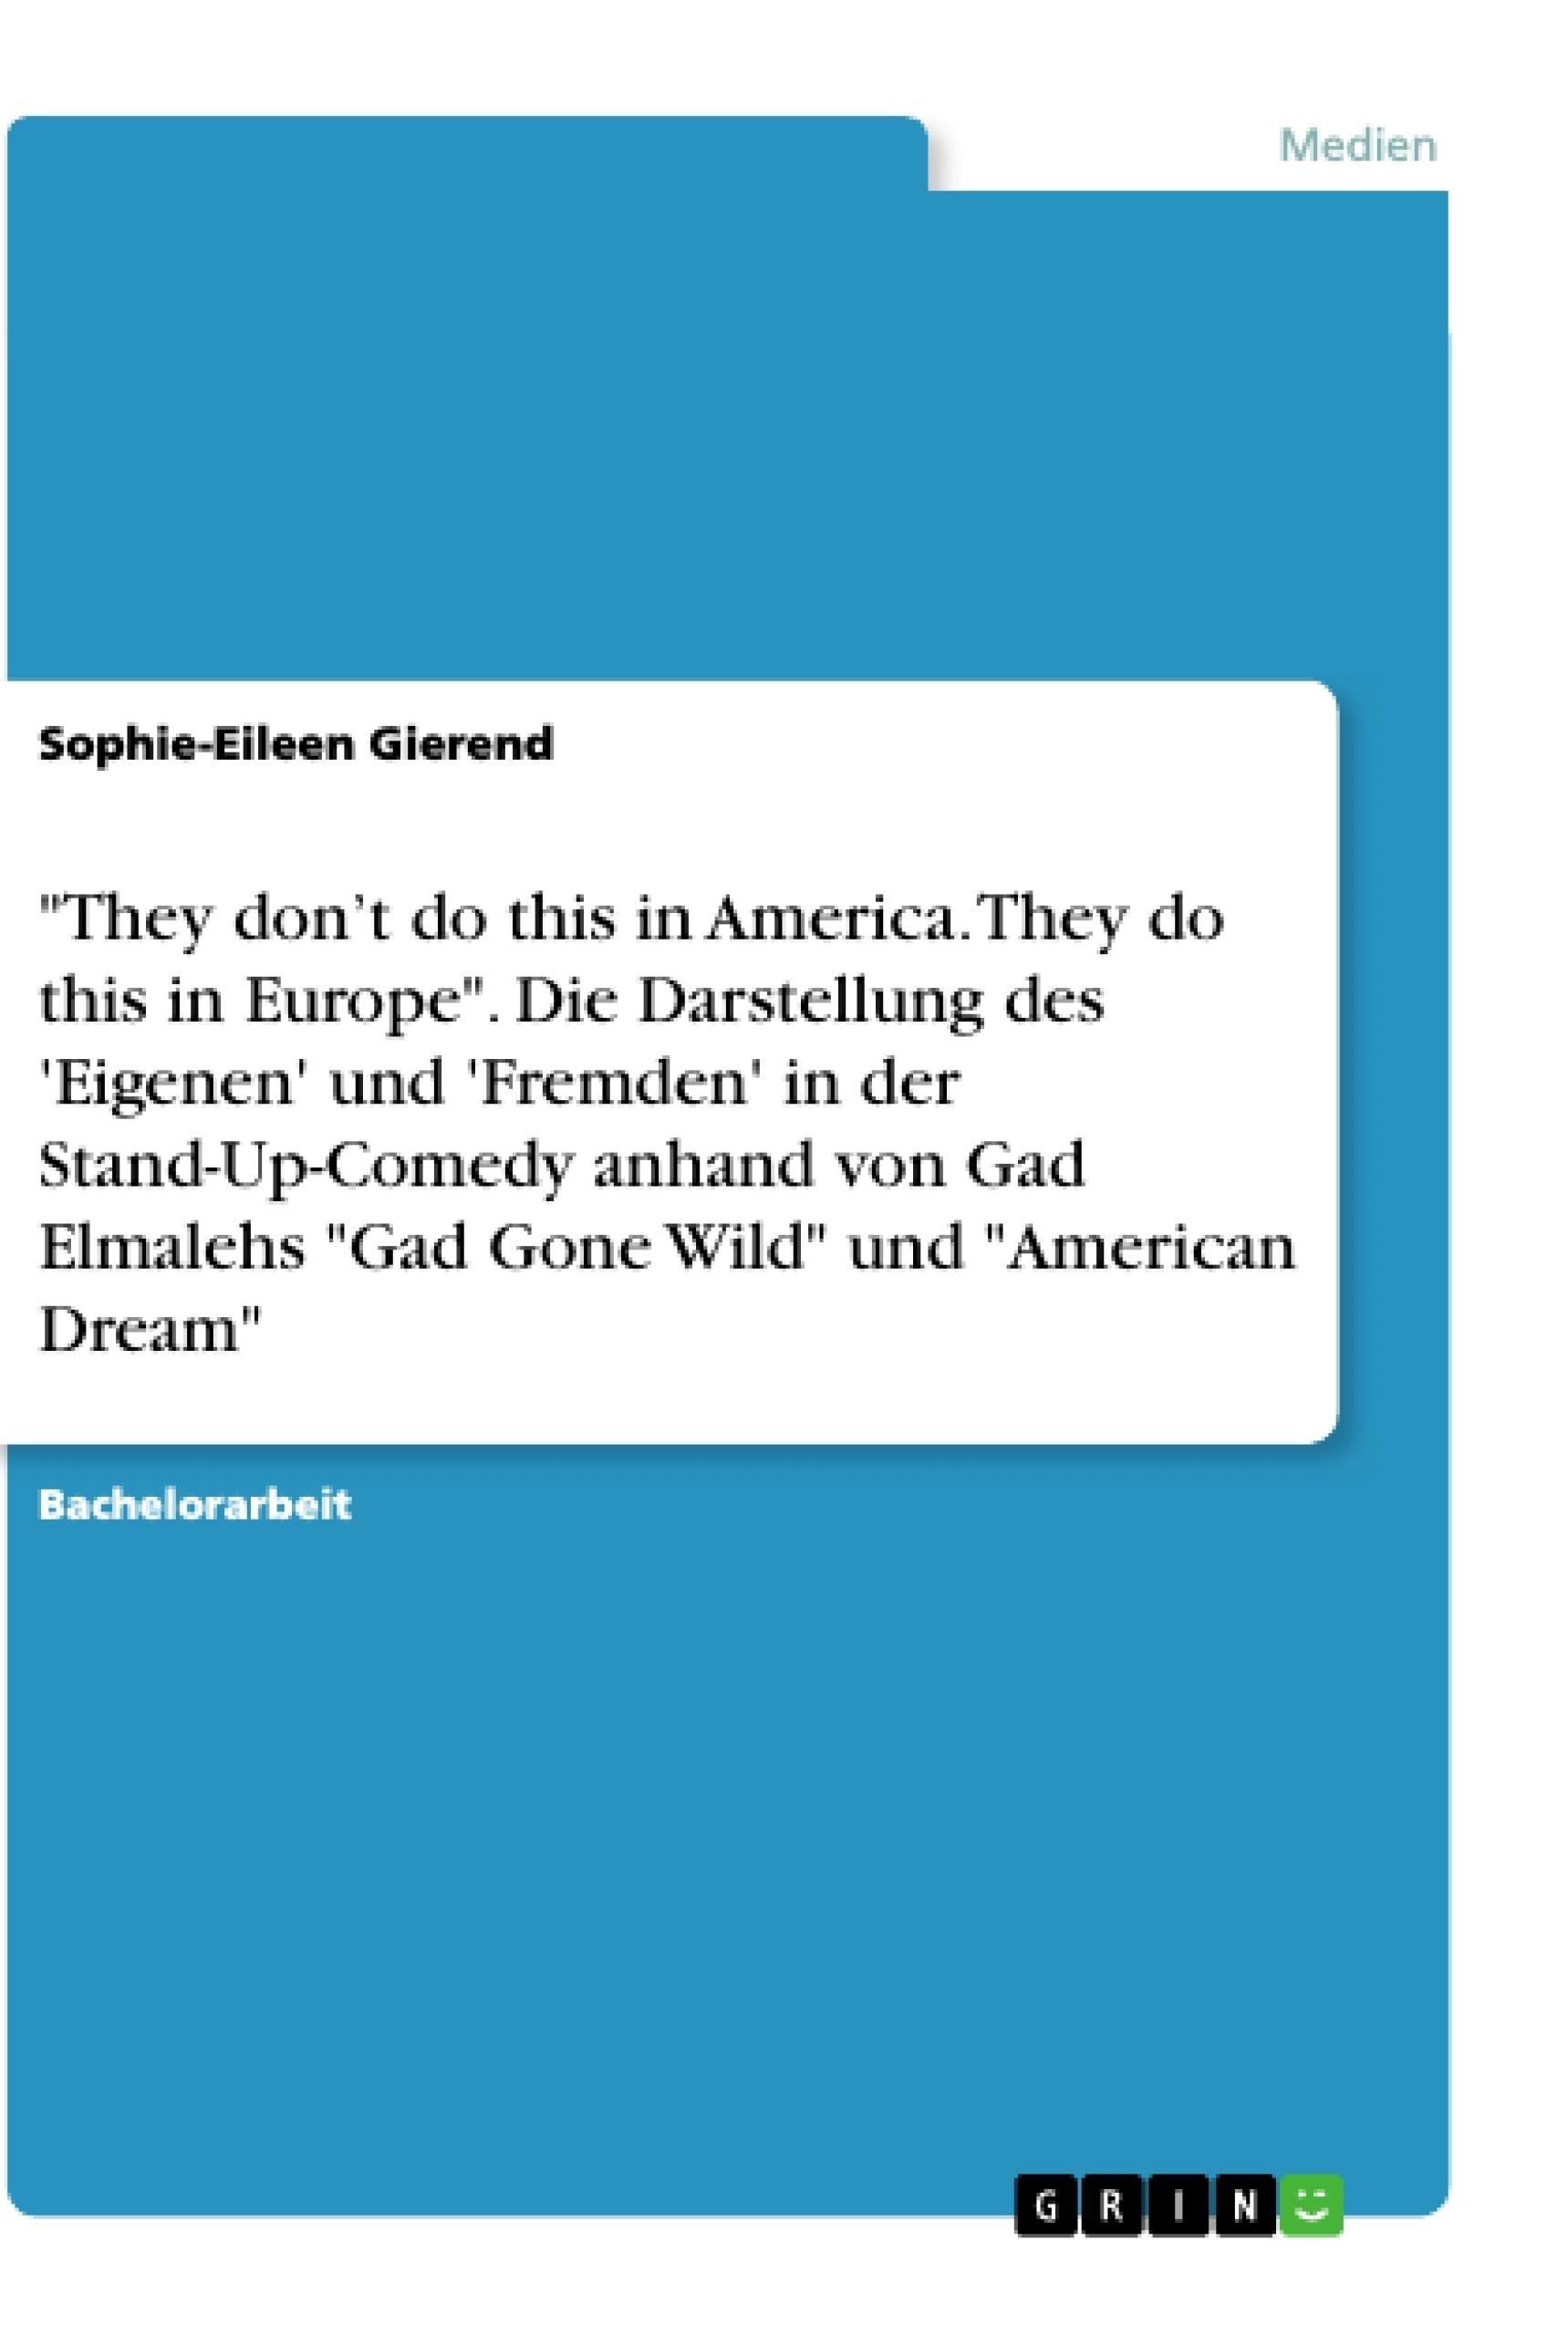 """Titel: """"They don't do this in America. They do this in Europe"""". Die Darstellung des 'Eigenen' und 'Fremden' in der Stand-Up-Comedy anhand von Gad Elmalehs """"Gad Gone Wild"""" und """"American Dream"""""""